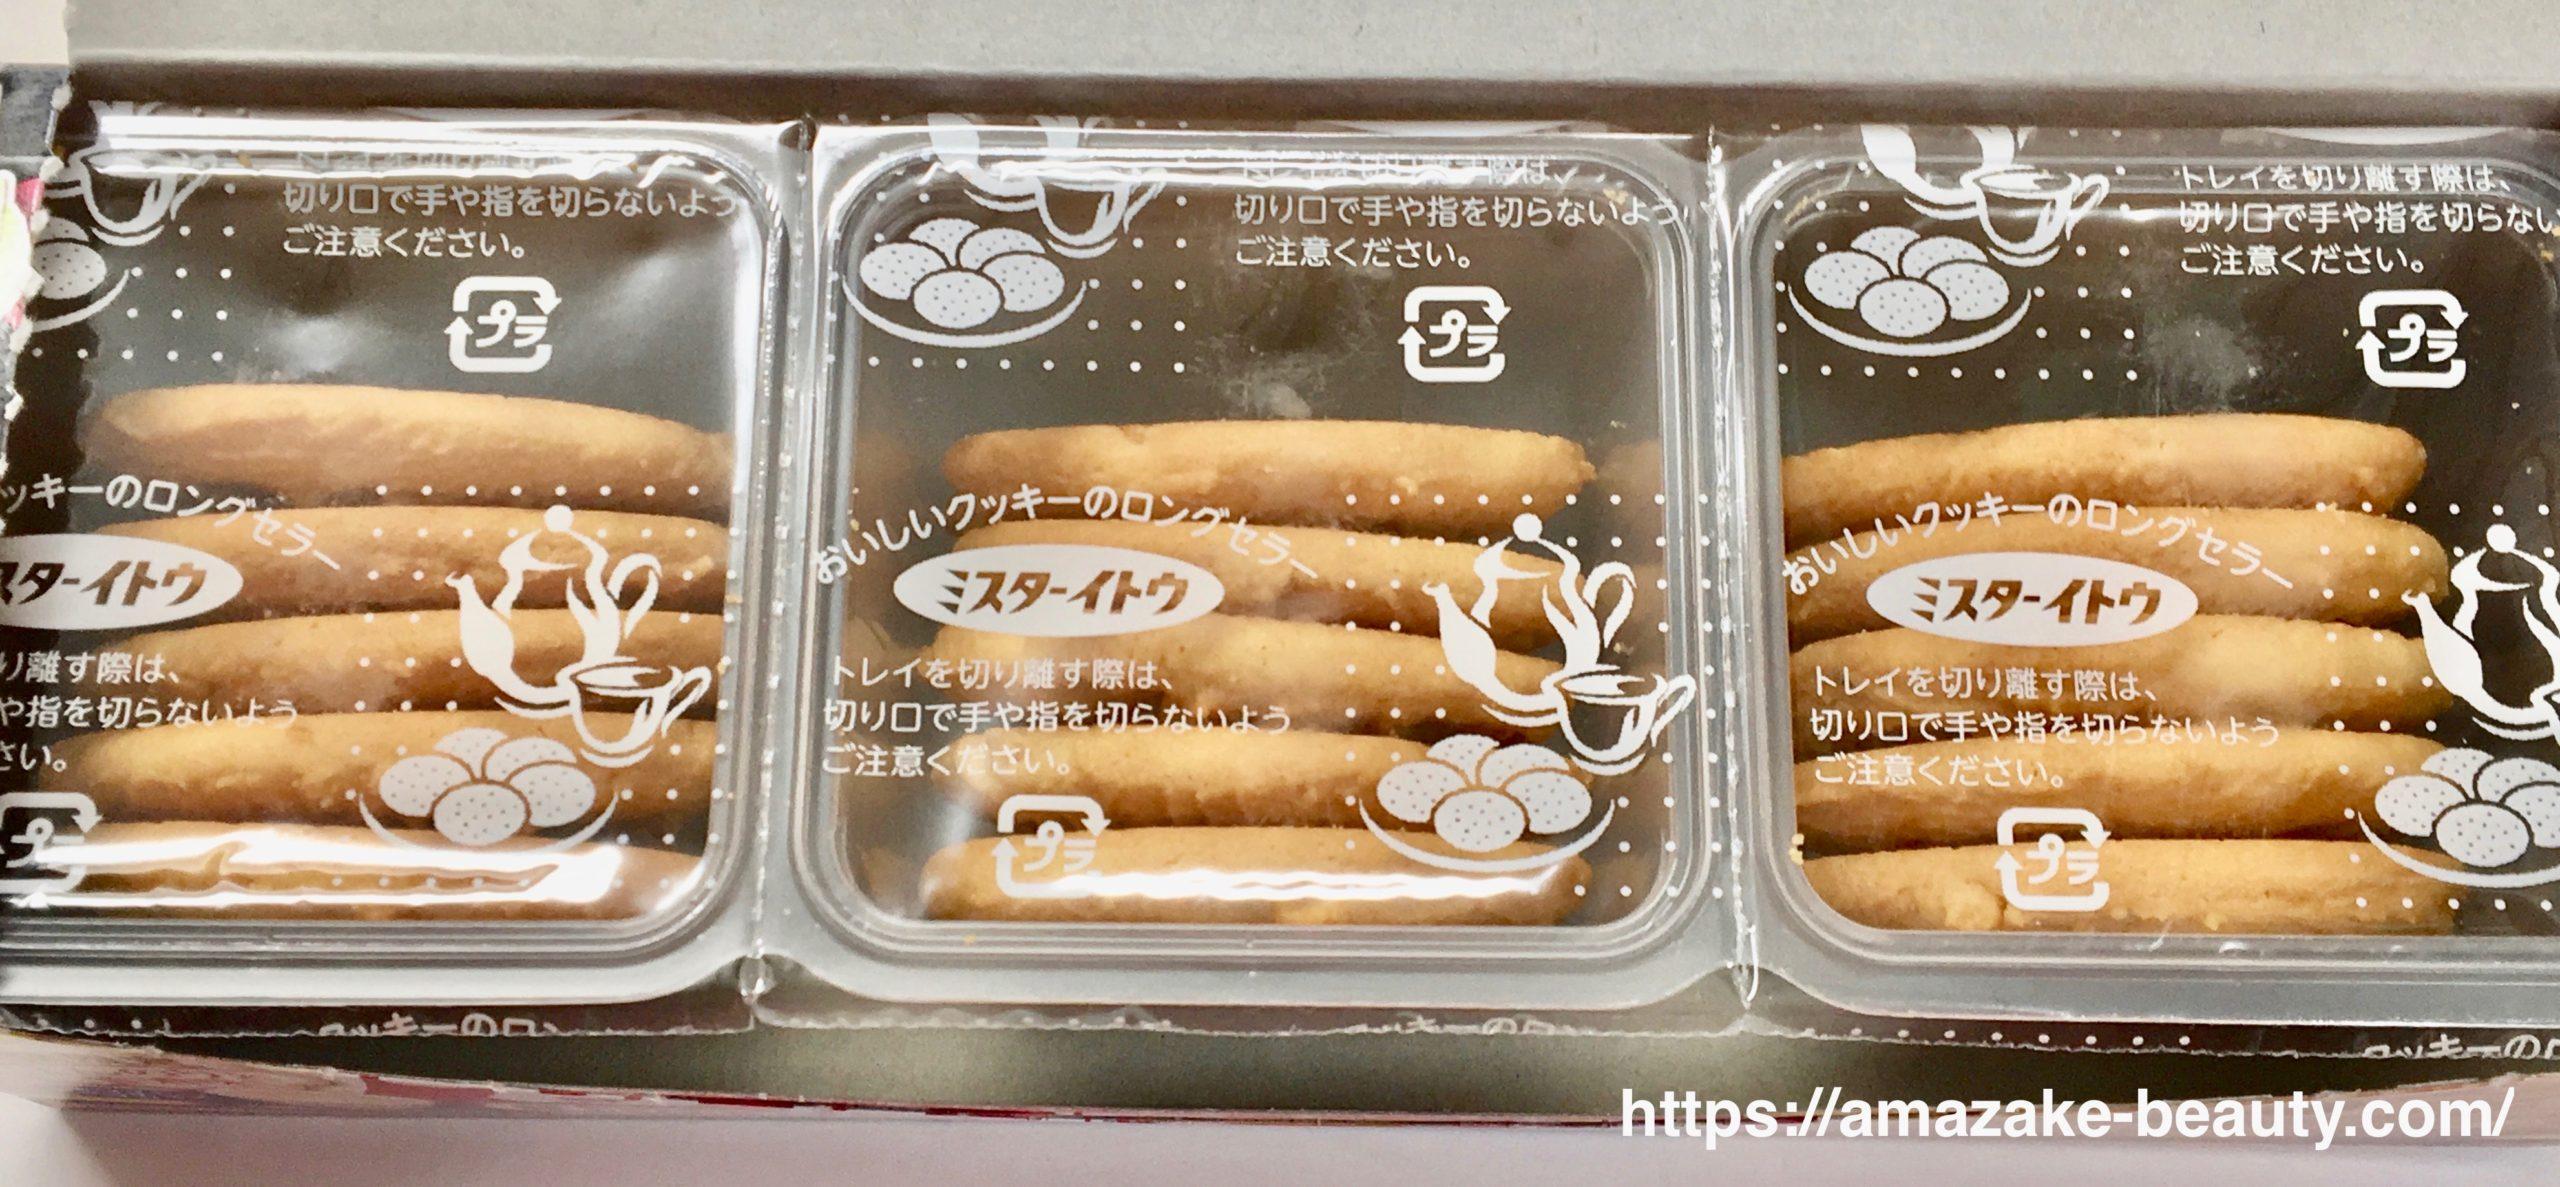 イトウ製菓『甘酒チョコチップクッキー』(パケージの中身)